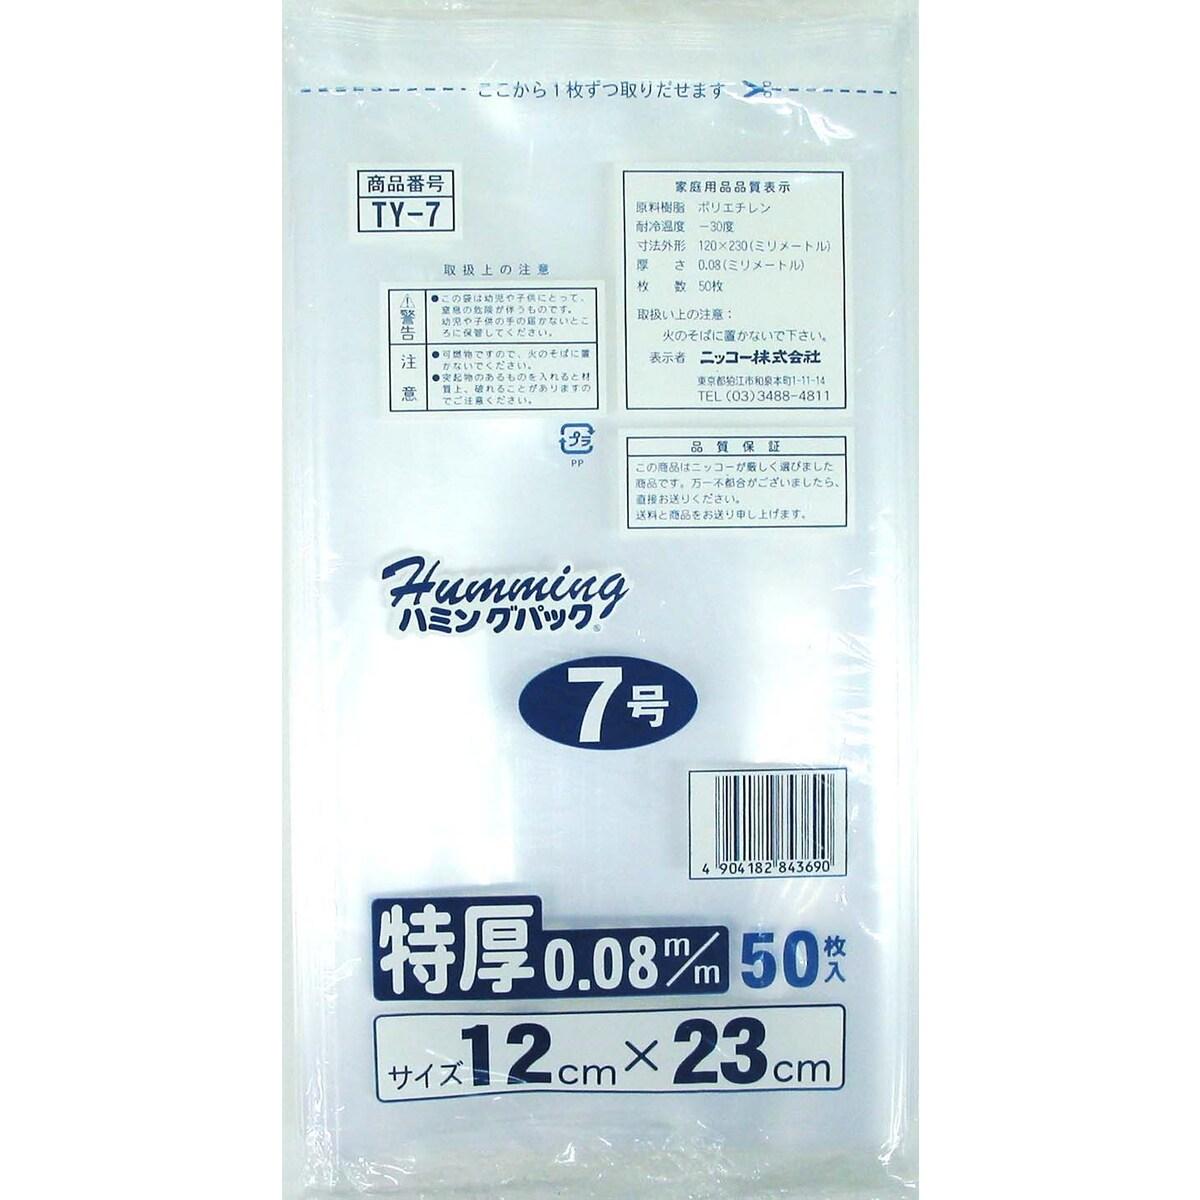 袋, その他  0.08 7 50 1223 TY-7